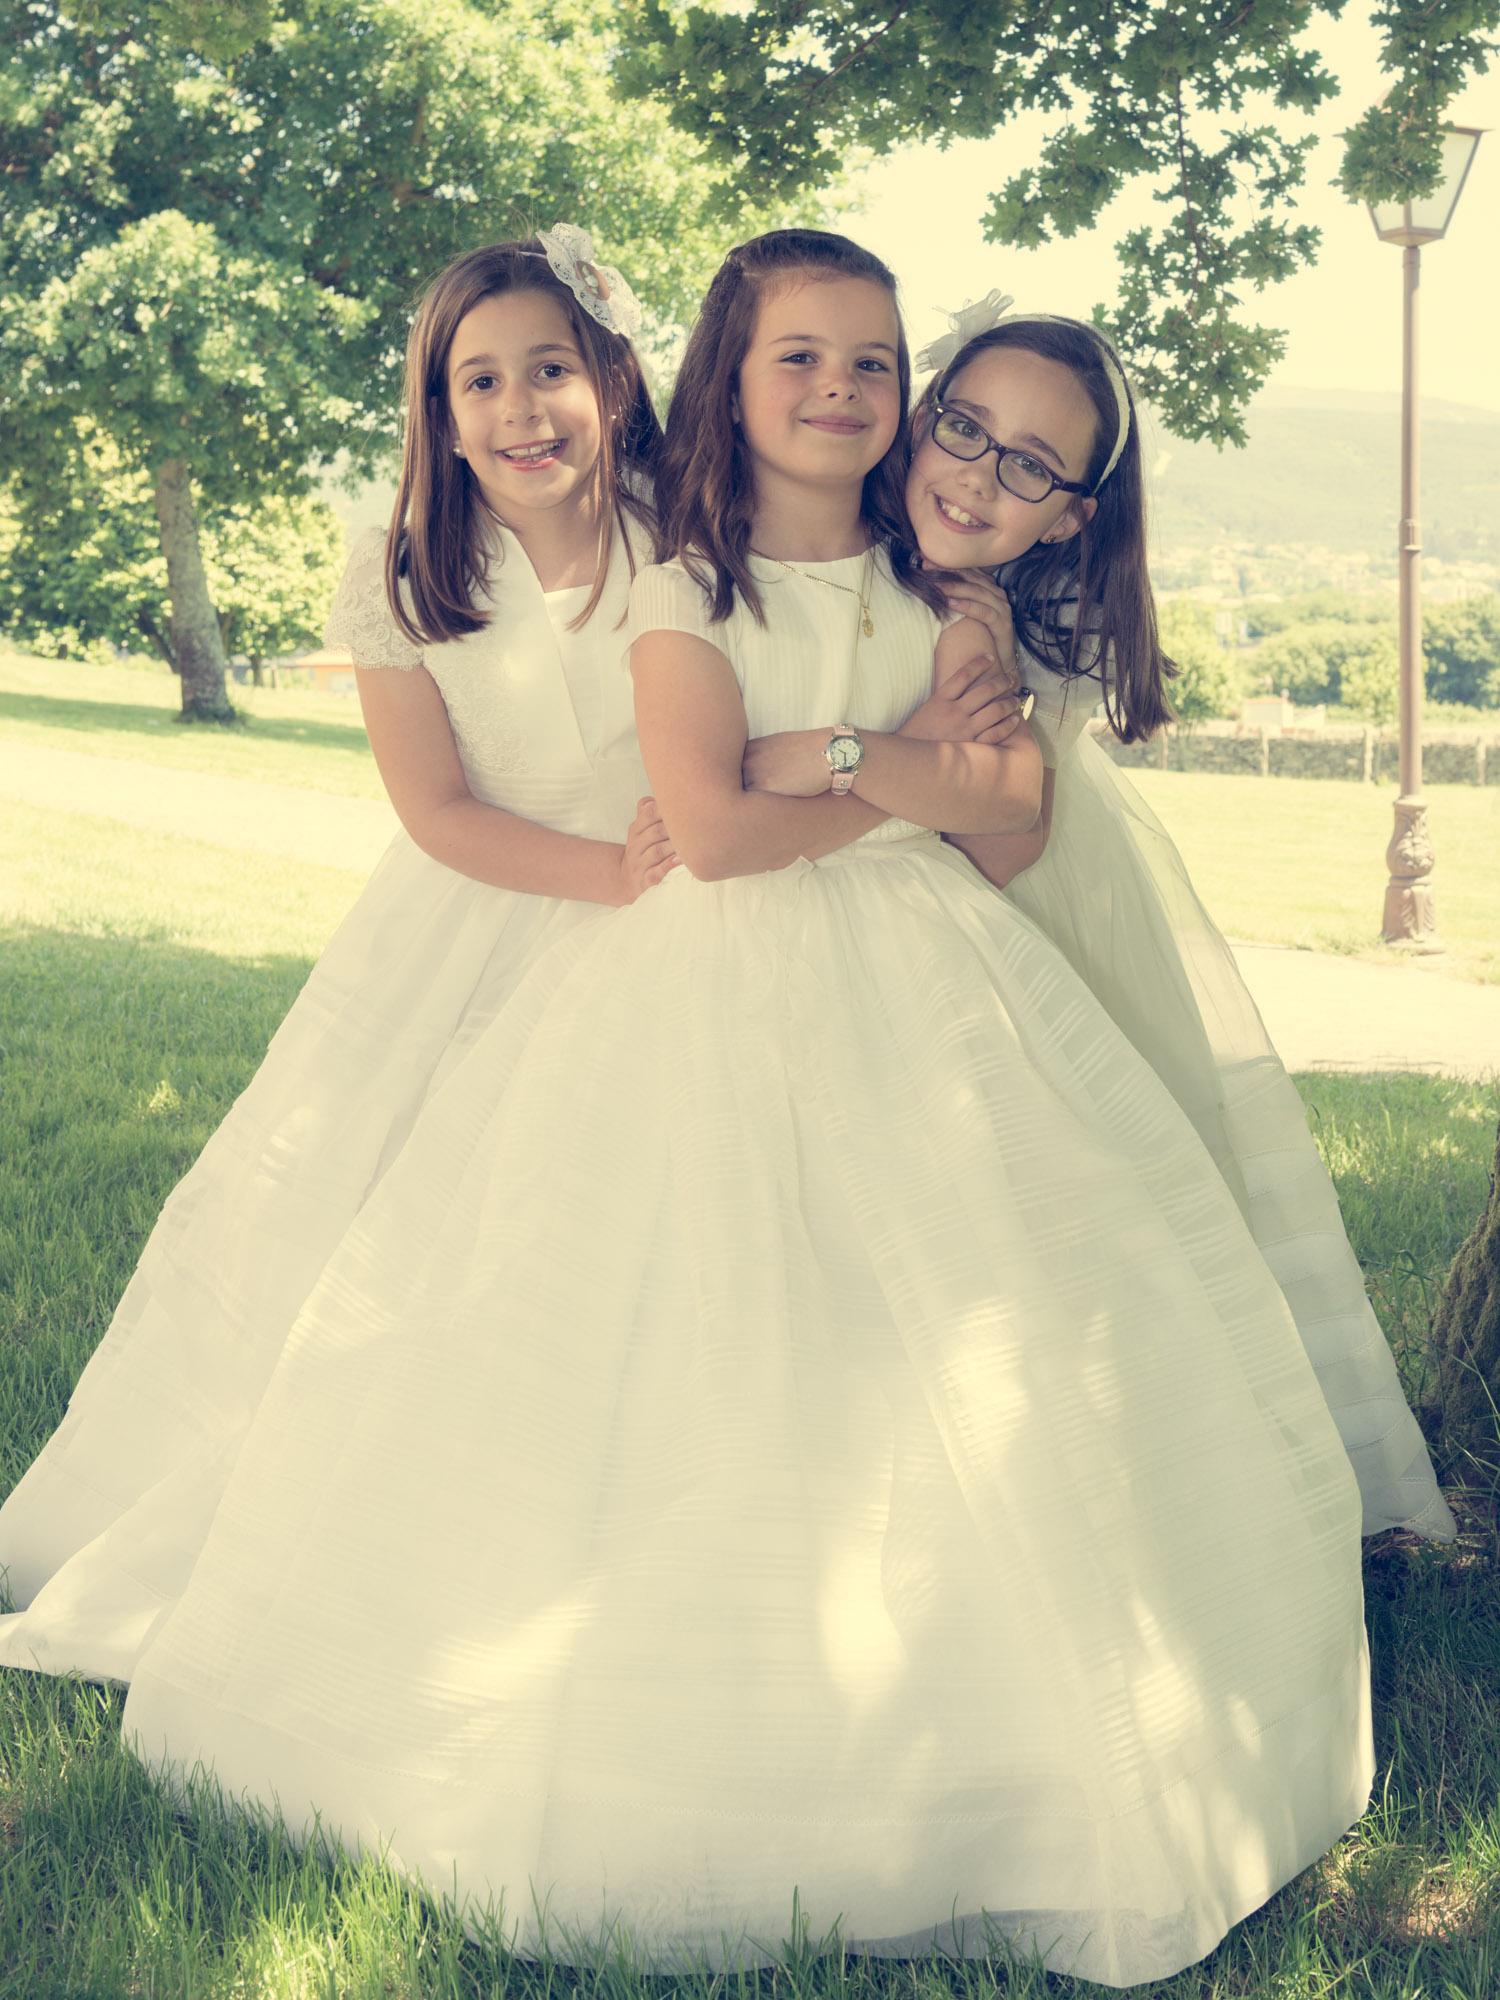 Reportaxe comunión-retrato de tres nenas vestidas de comunión en exterior